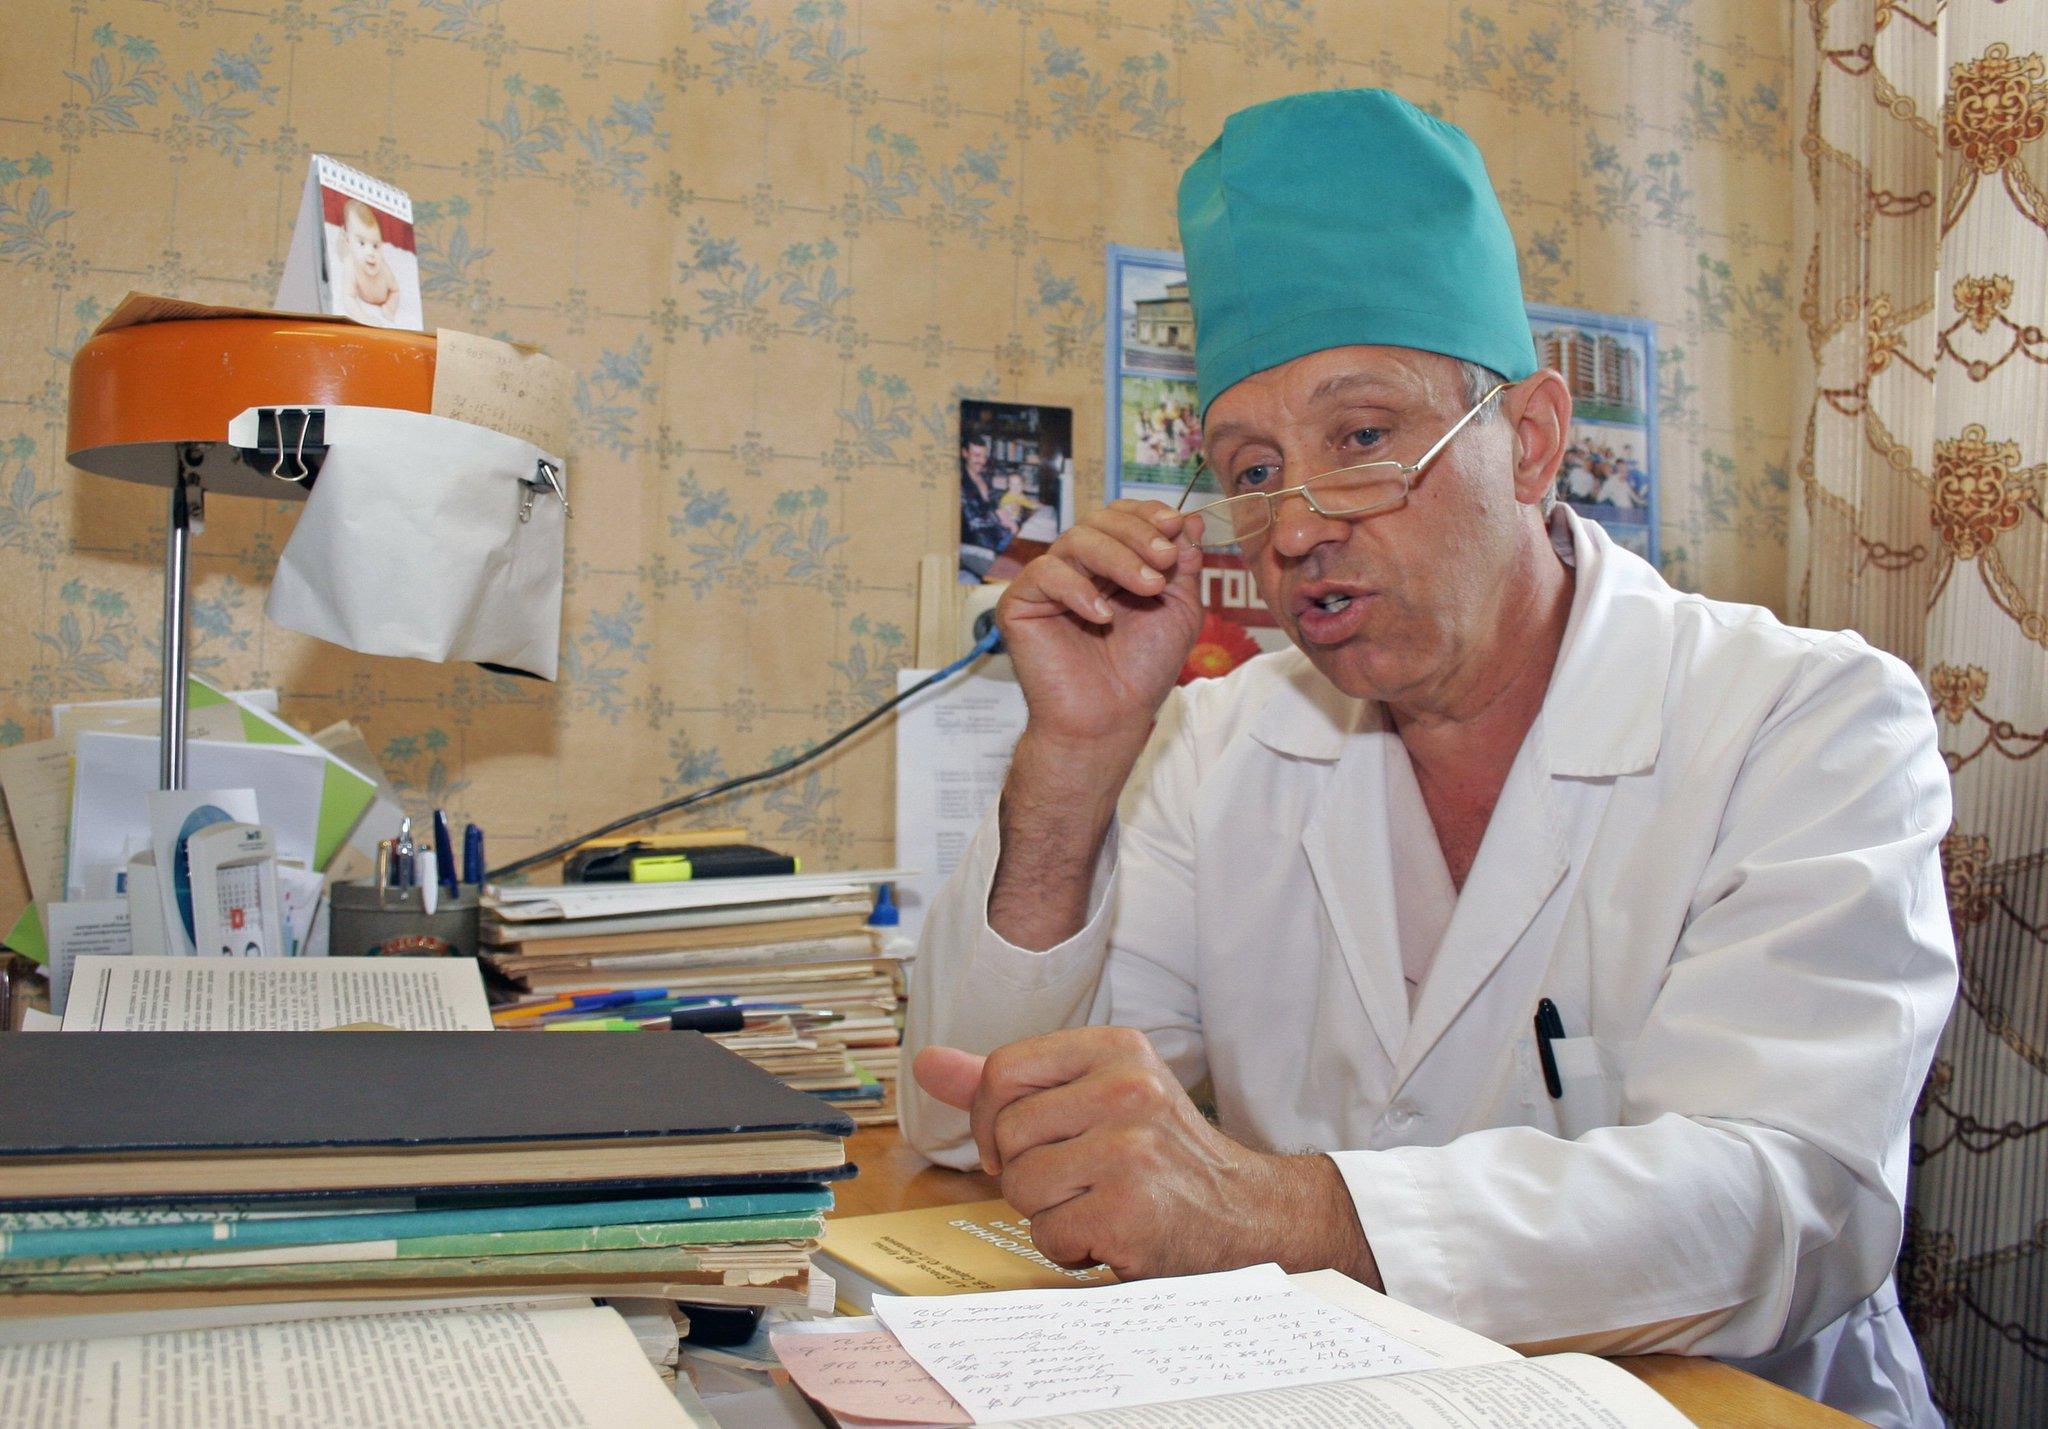 лучшие хирурги саранска фото результате